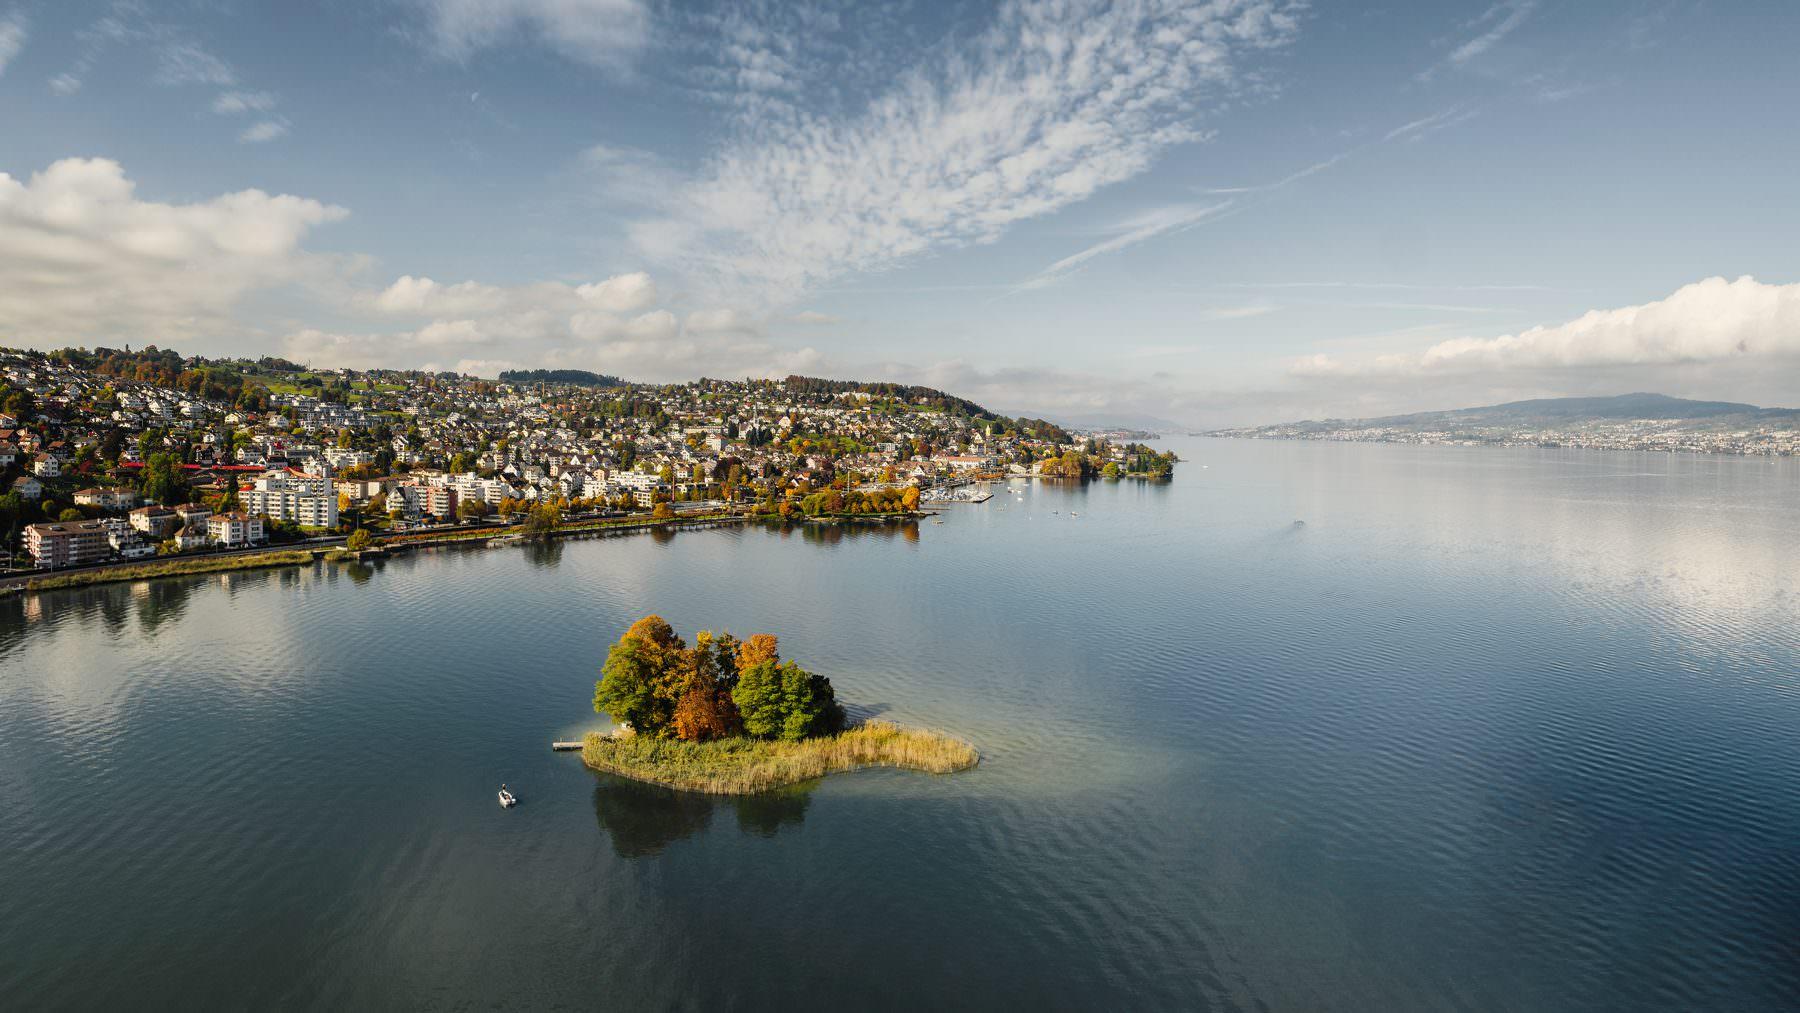 Luftaufnahme Zürich, Richterswil, Insel Schönenwirt, Seebad, Hafen, Bahnhof, Horn © by Gerry Pacher